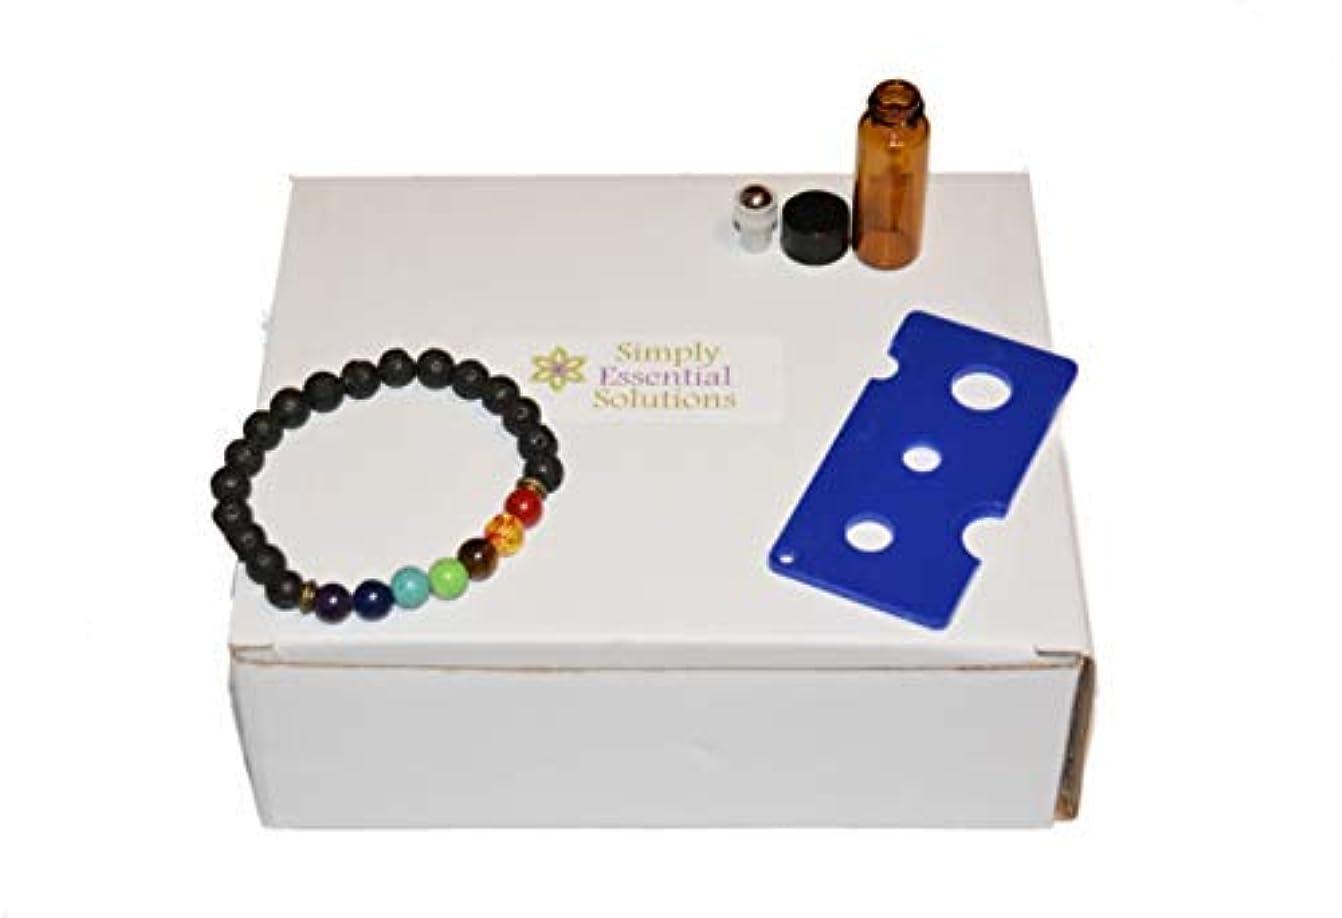 徐々に二層血統24pcs 5mL Roller (1.35 dram) Amber Glass Stainless Steel Roller Bottle 5cc Vial Small Essential Oil Bottle Travel...